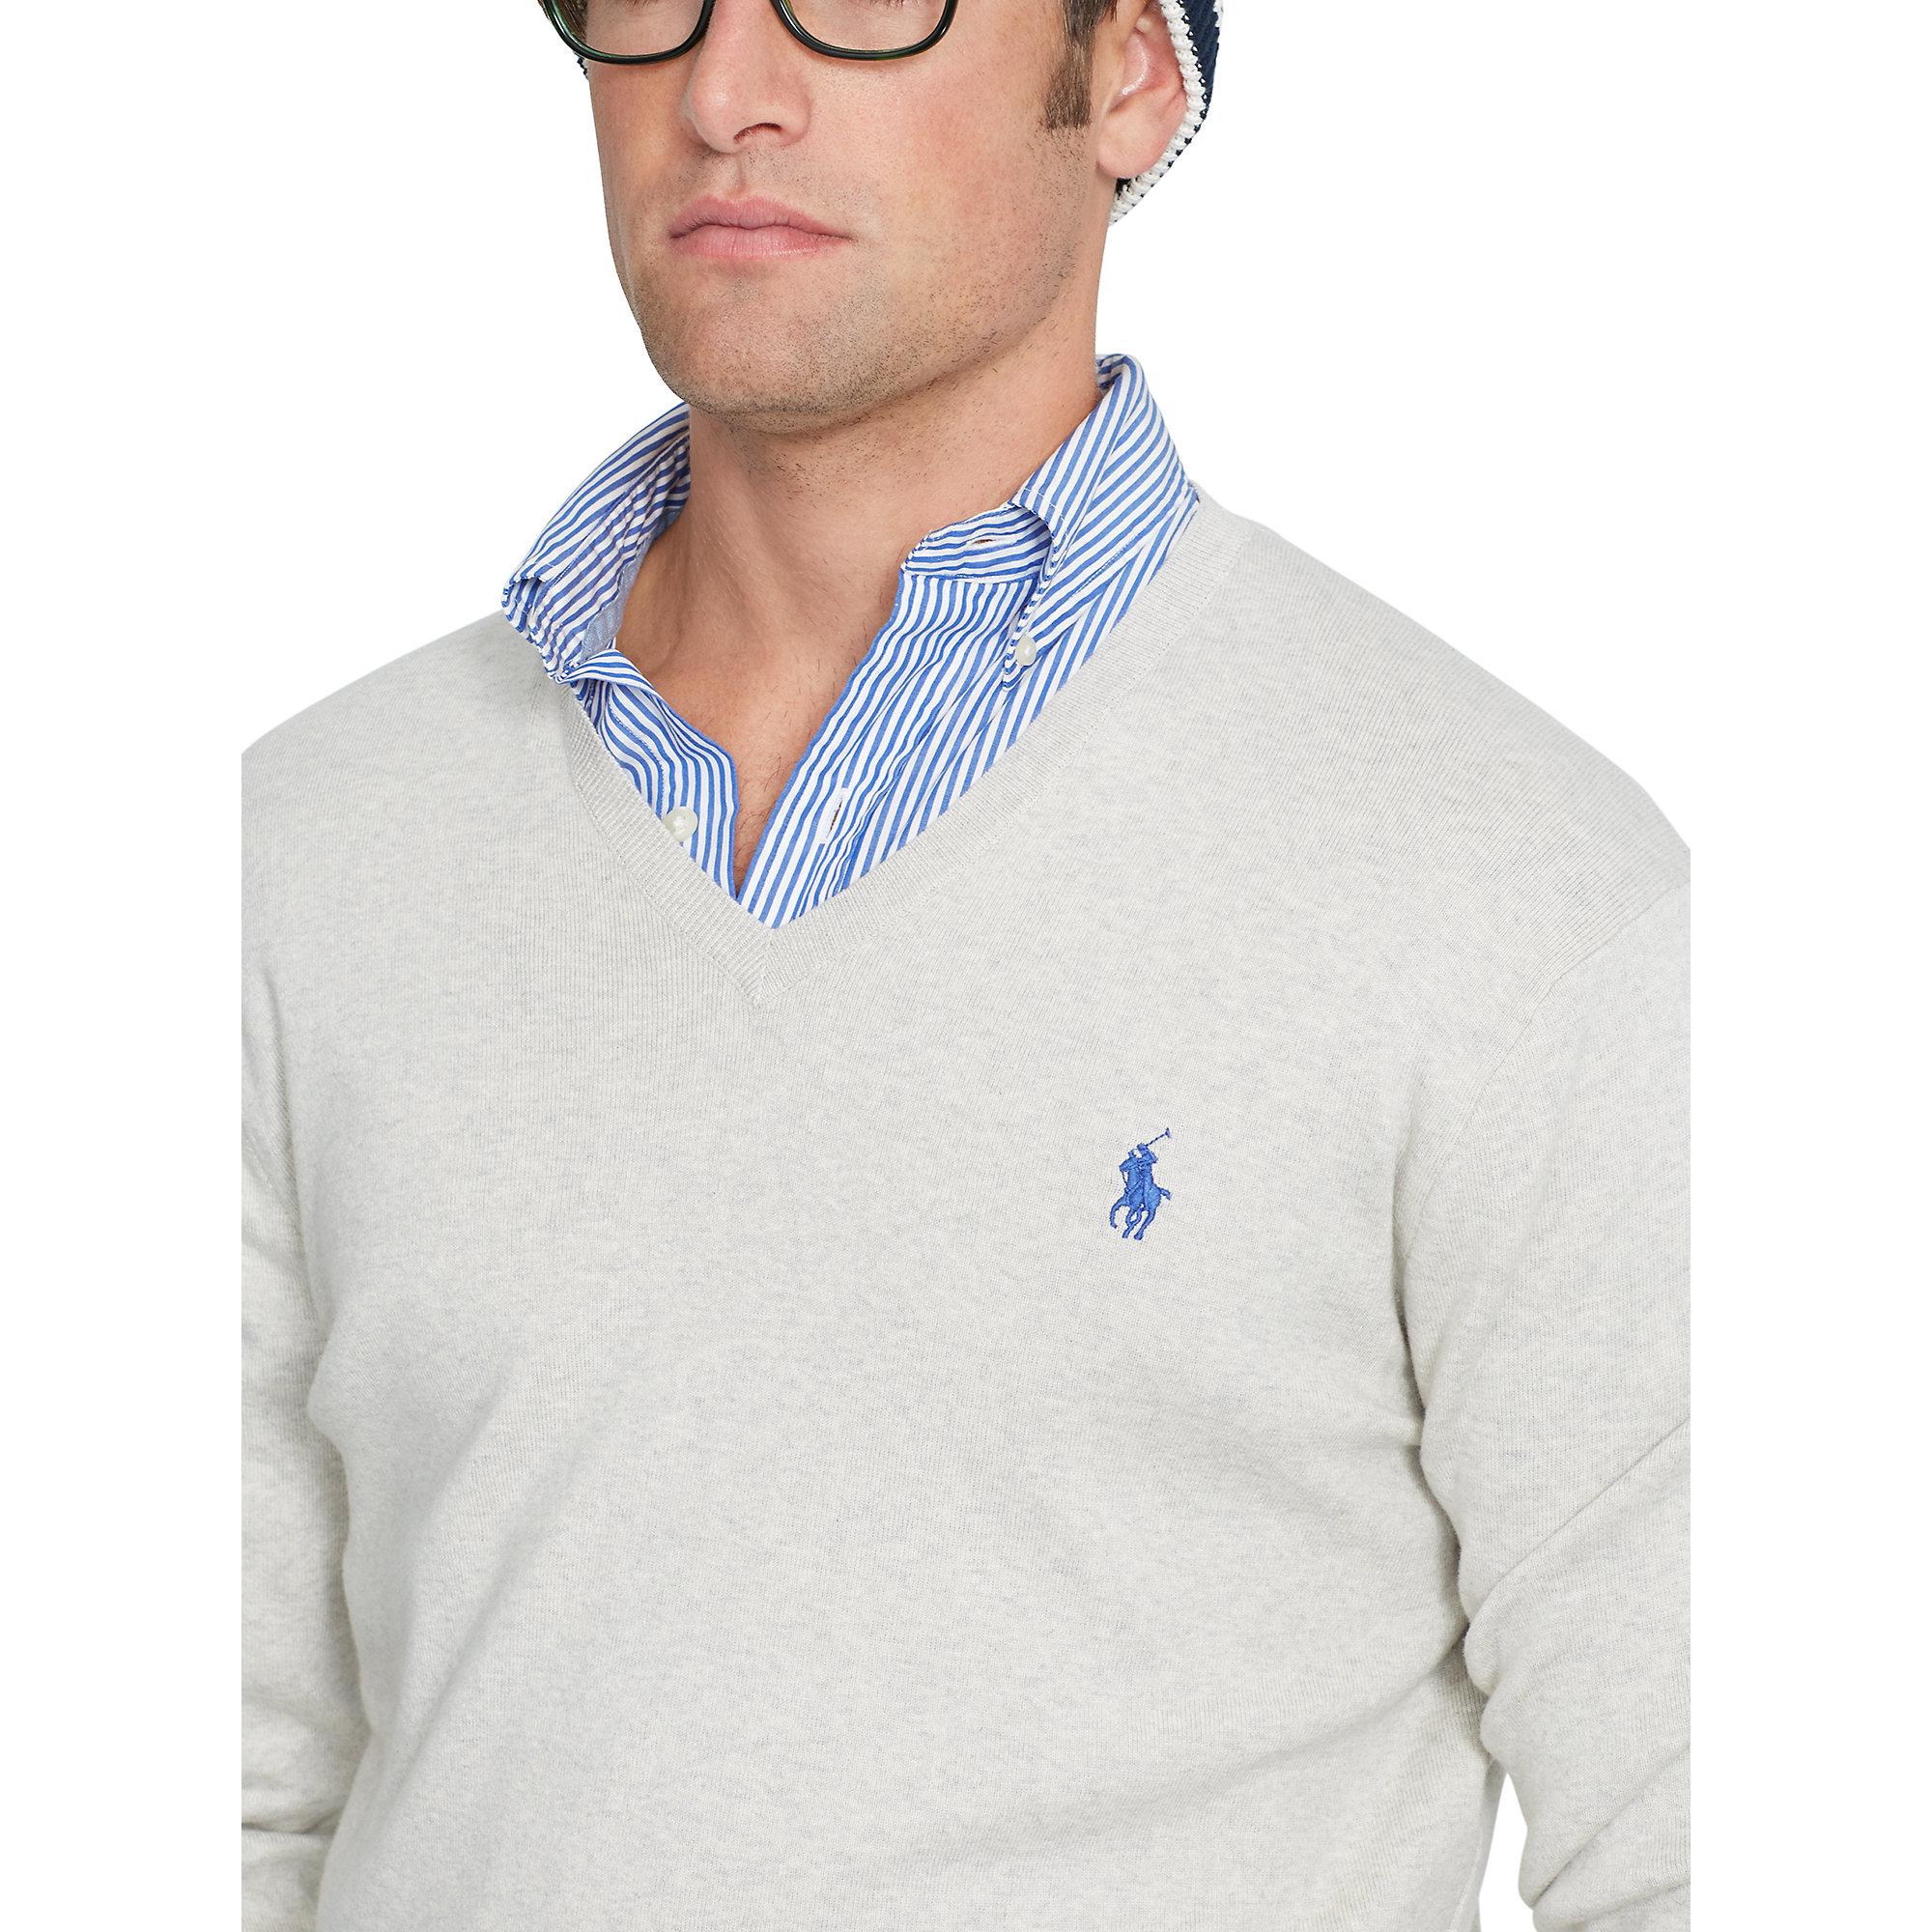 For Gray Lauren V Sweater Polo Neck Ralph Men Pima Cotton uOPXZTki